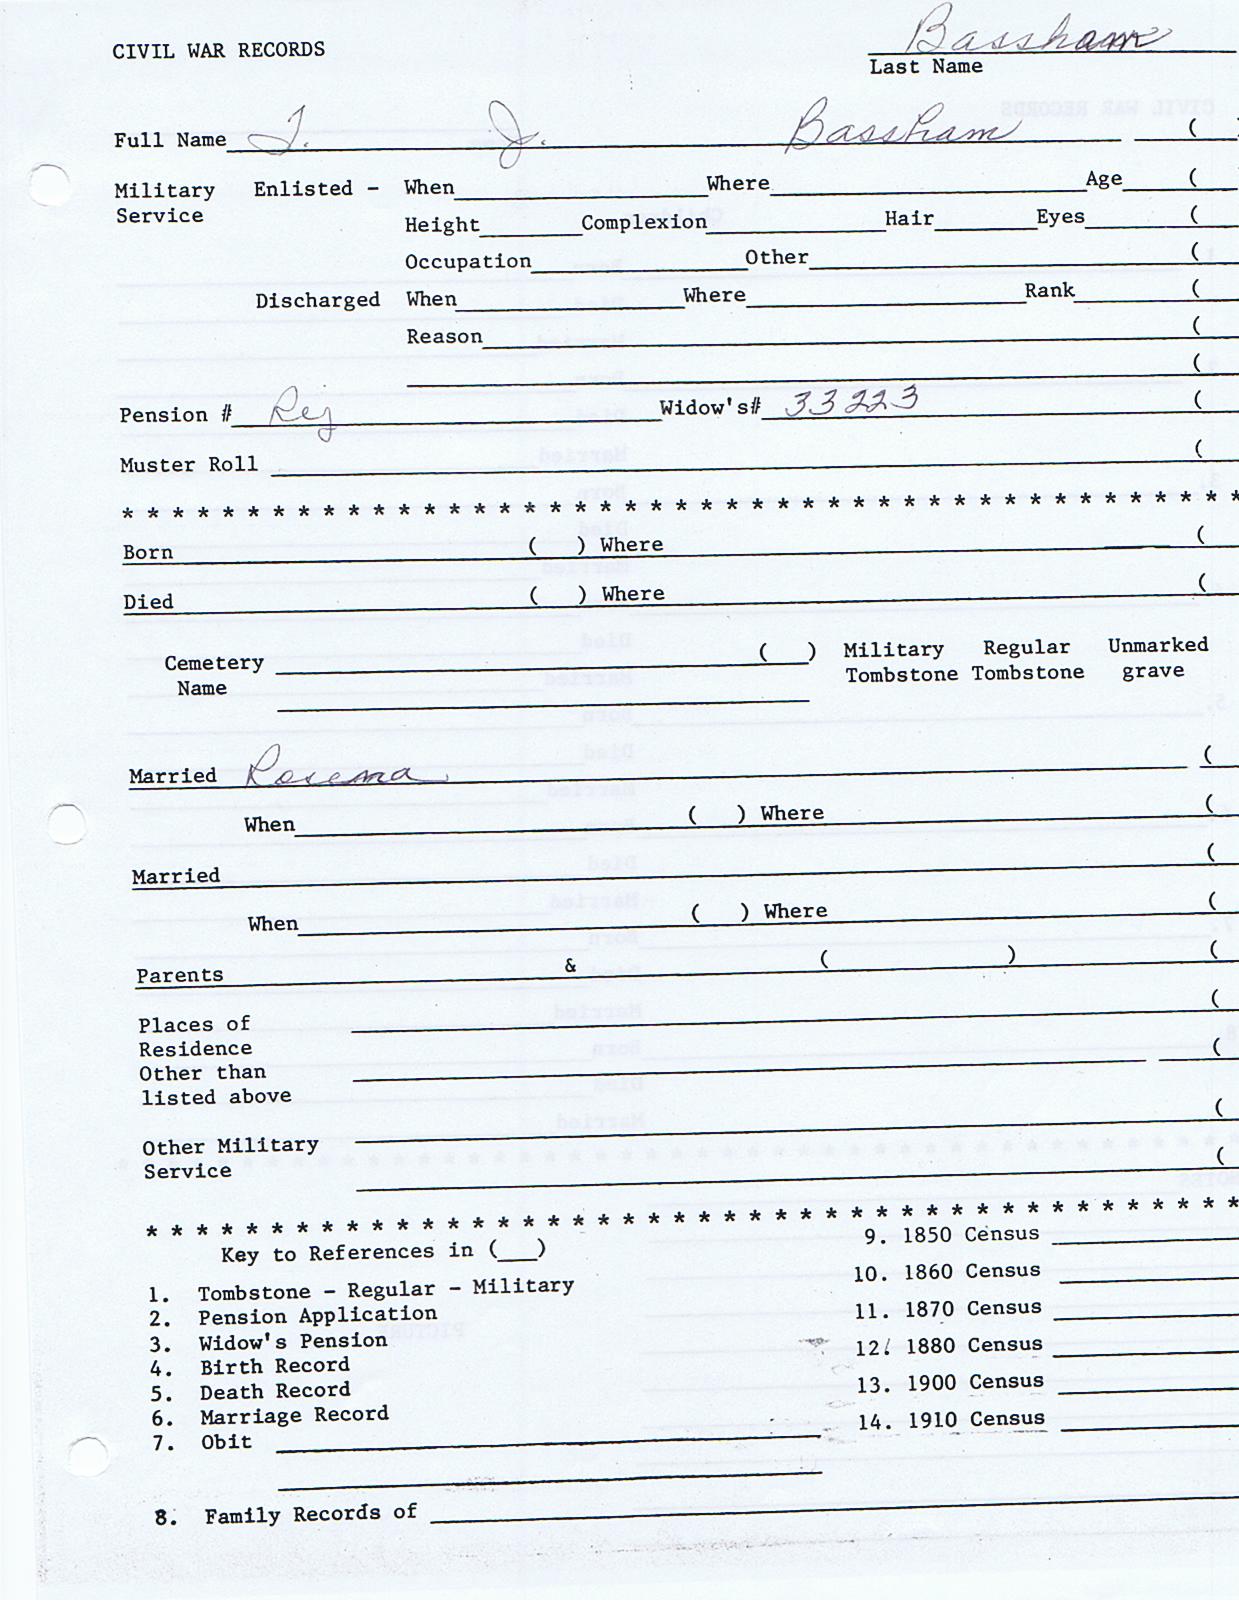 basham-kaufman_civil_war_records-3500